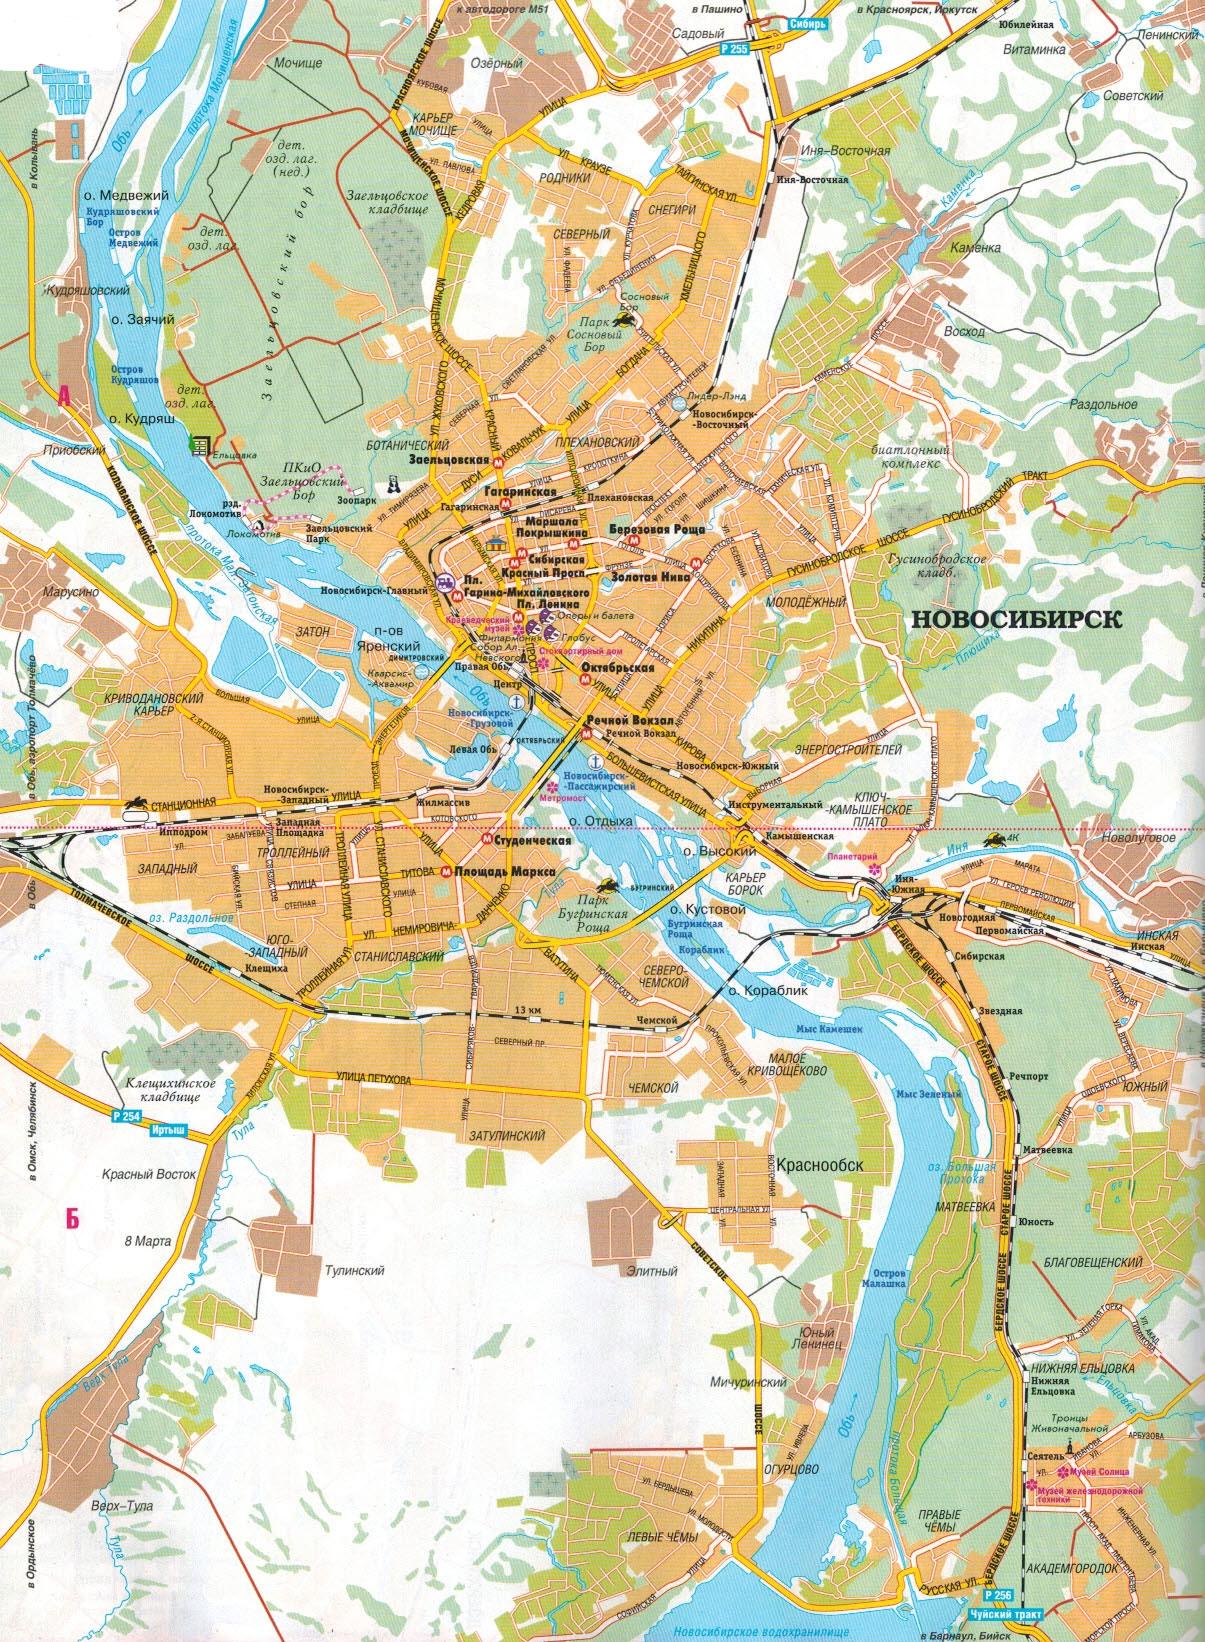 Настенная карта города Новосибирск, ламинированная,р-р 0,75*1,0 м